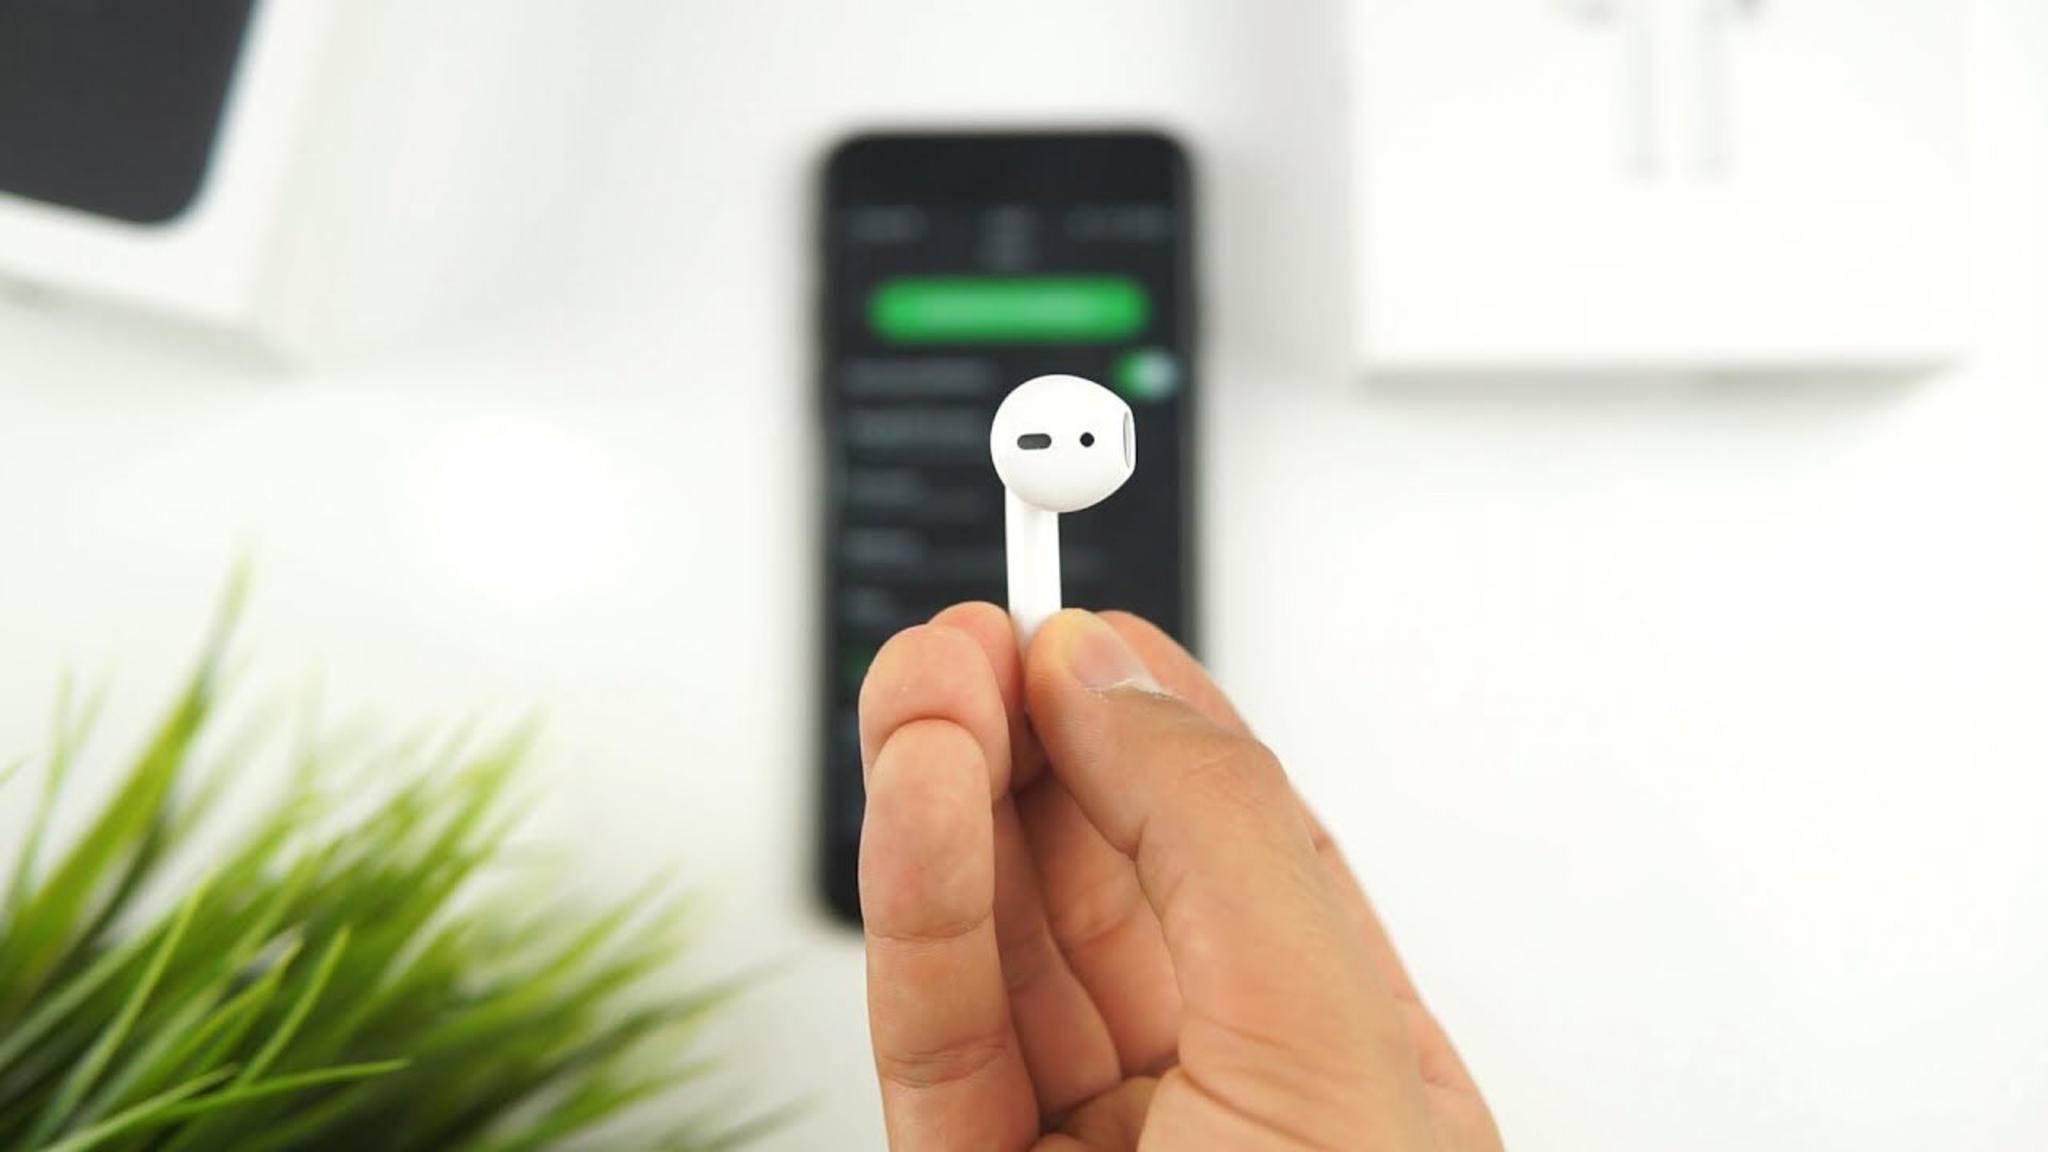 Einfach doppelt tippen, dann wird der Google Assistant mithilfe der AirPods auch auf Android-Smartphones aktiviert.